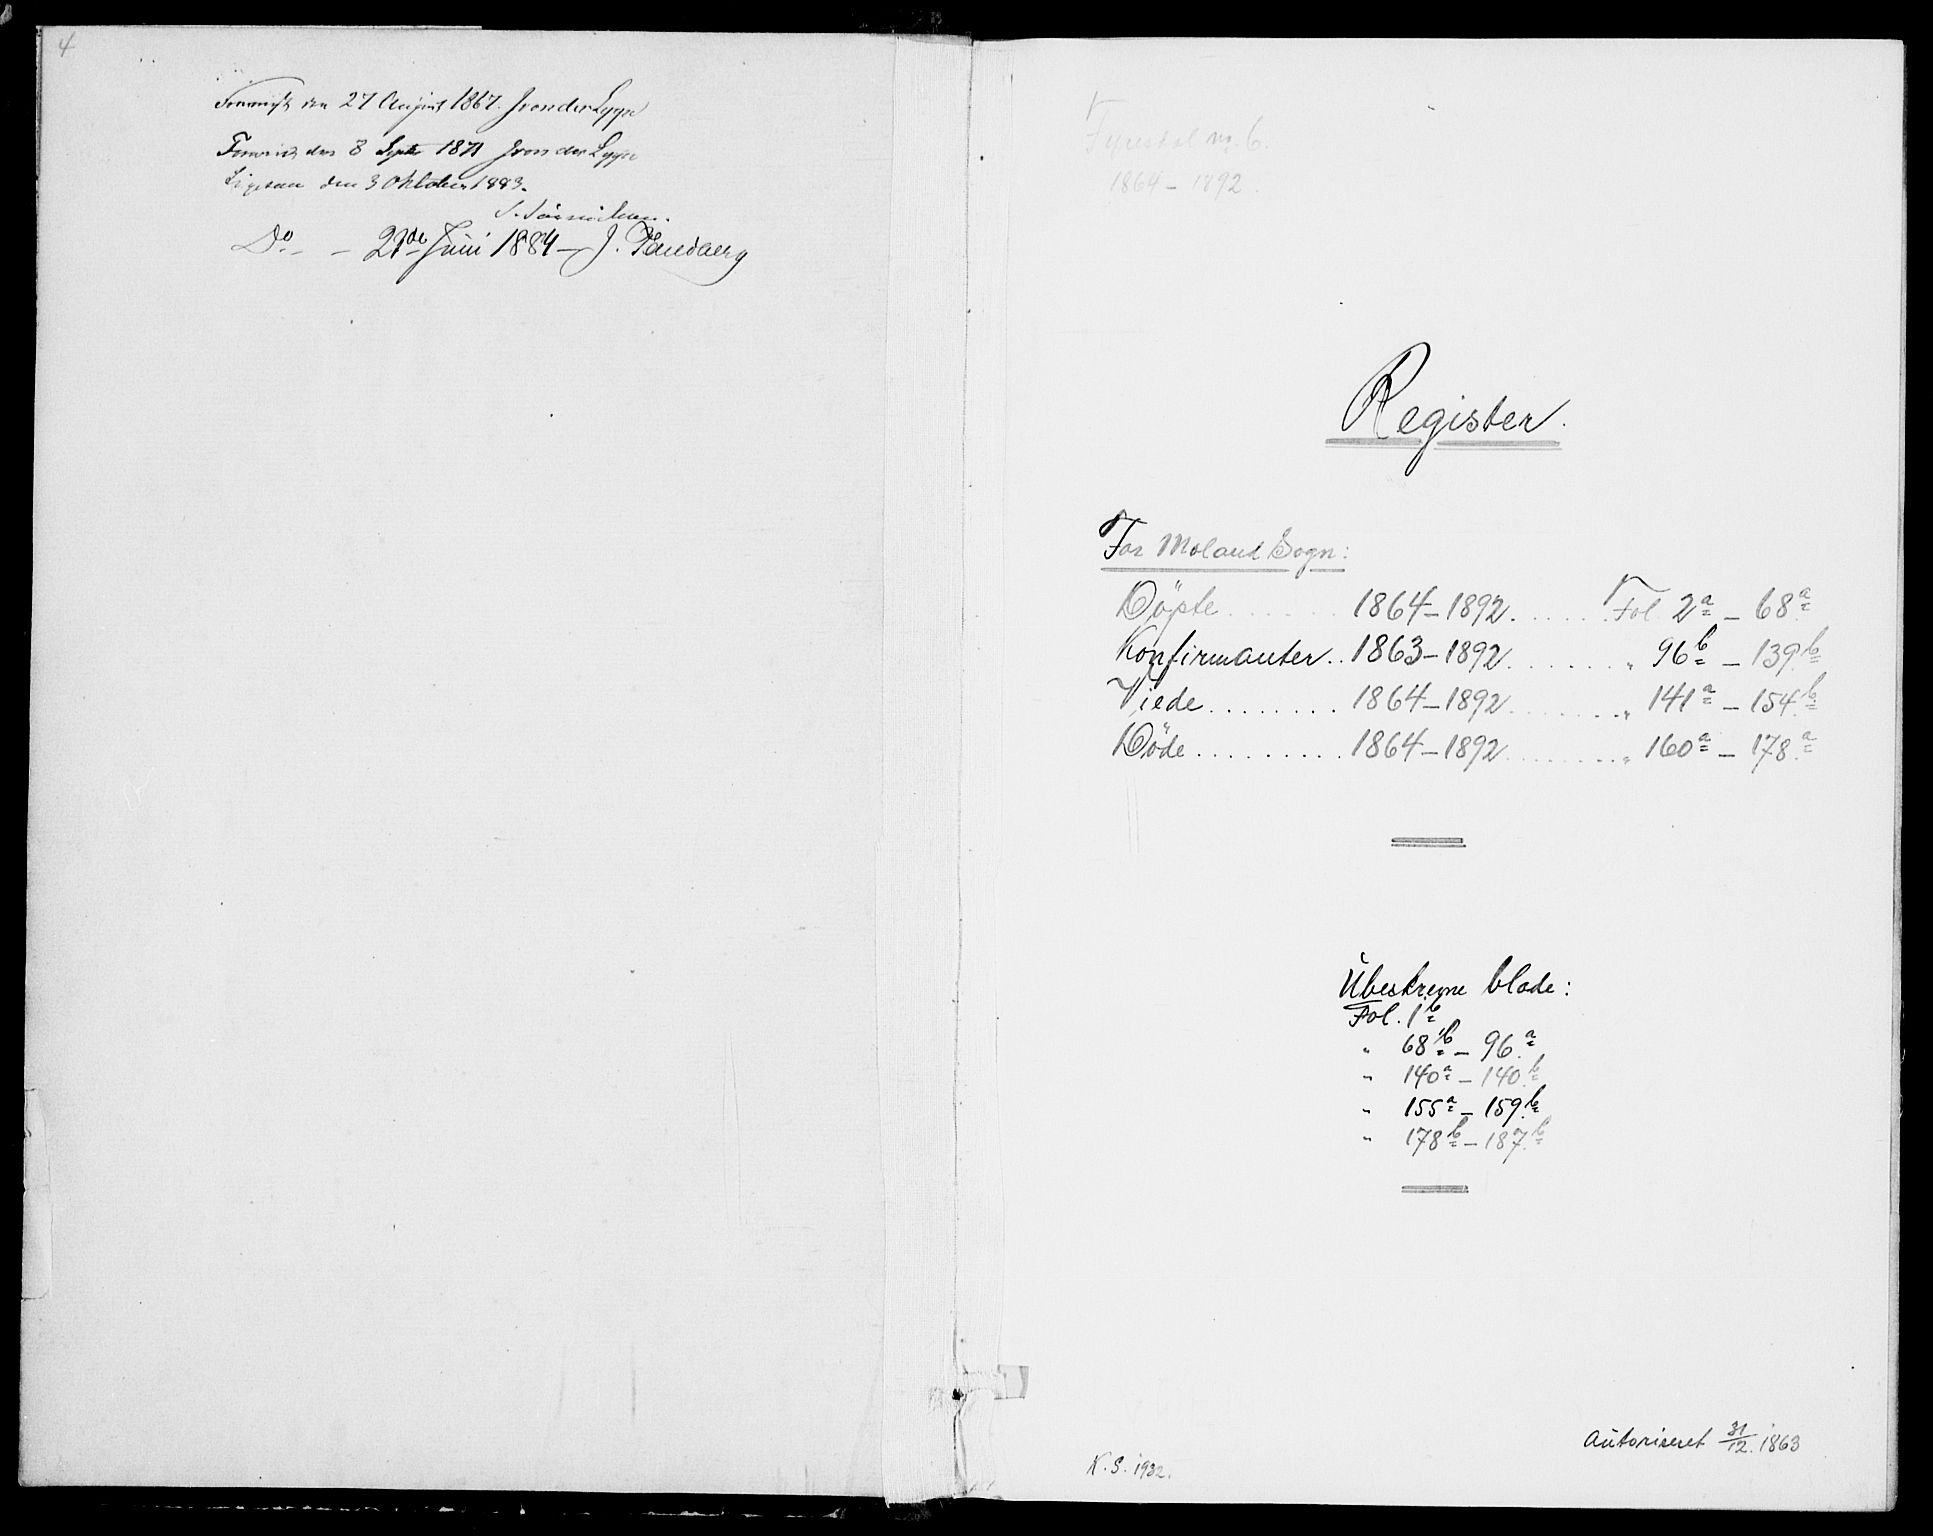 SAKO, Fyresdal kirkebøker, G/Ga/L0004: Klokkerbok nr. I 4, 1864-1892